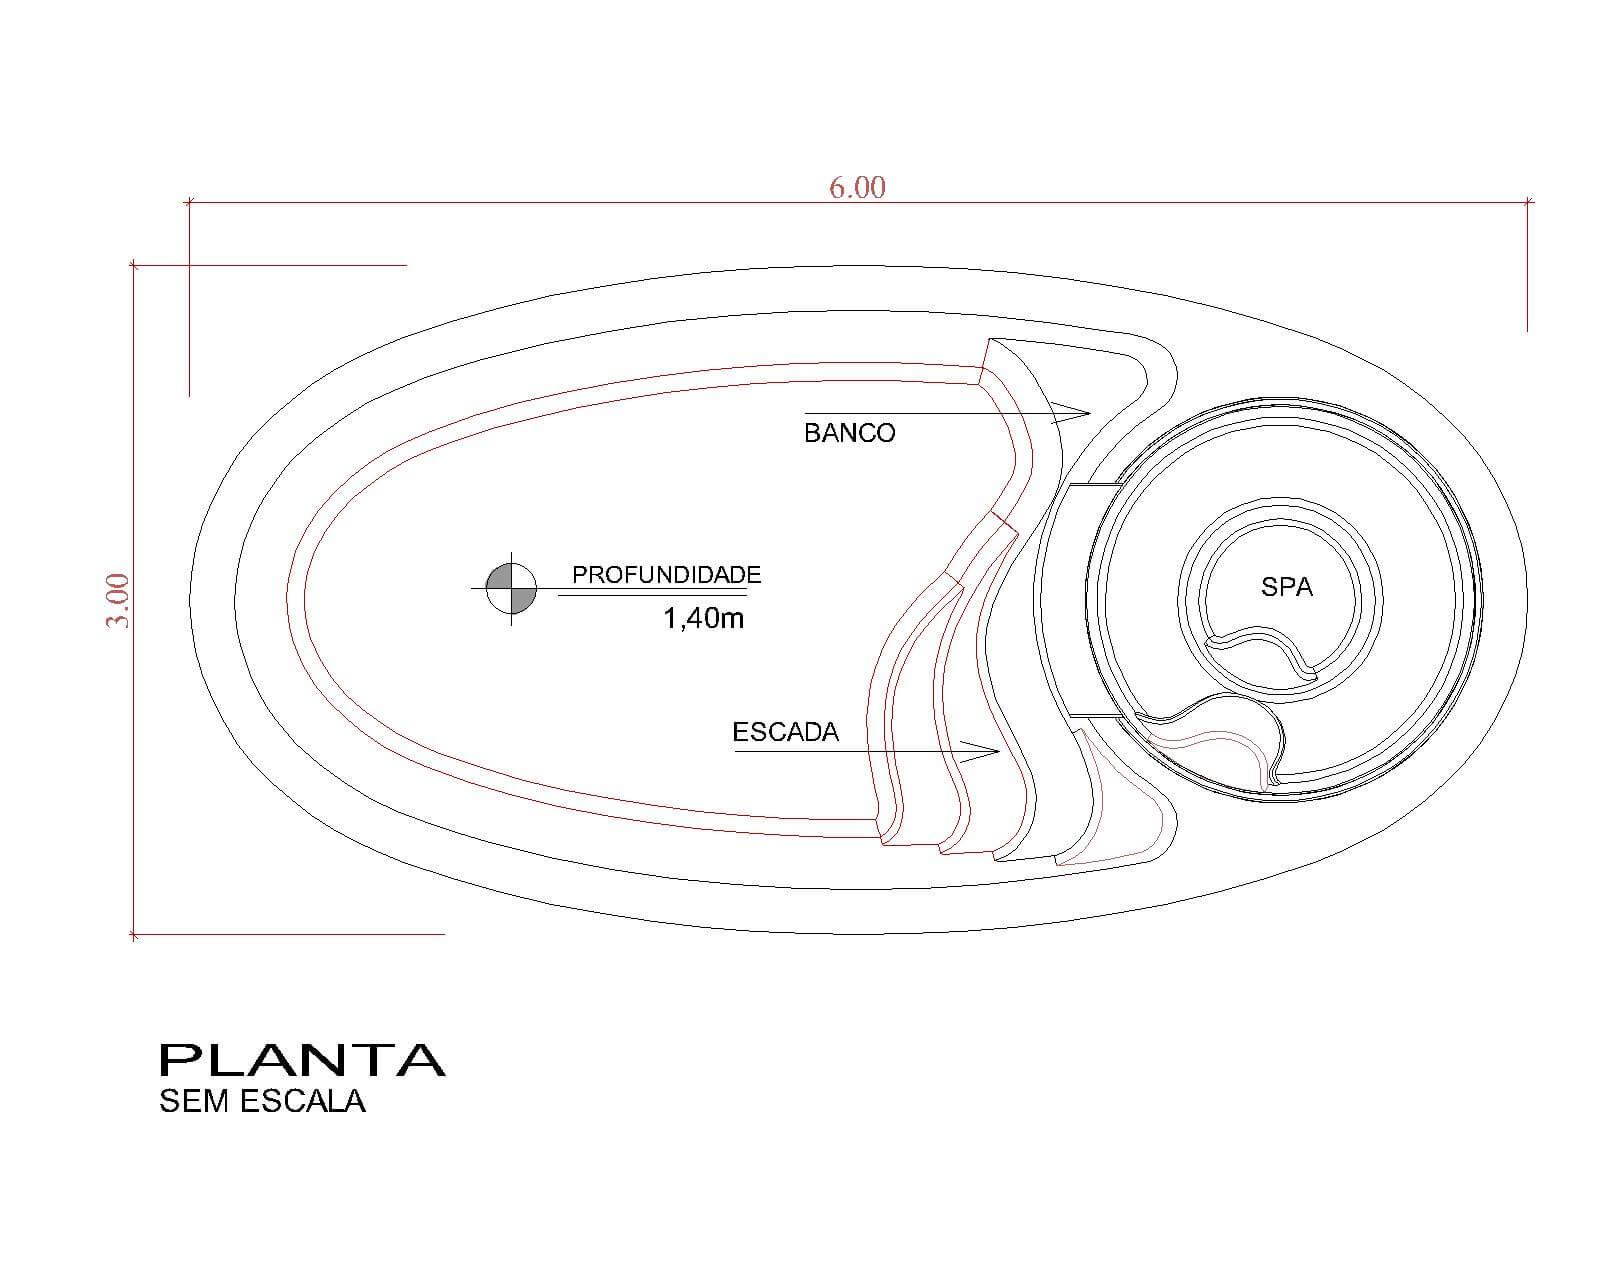 Desenho técnico Aurora (sem escala)